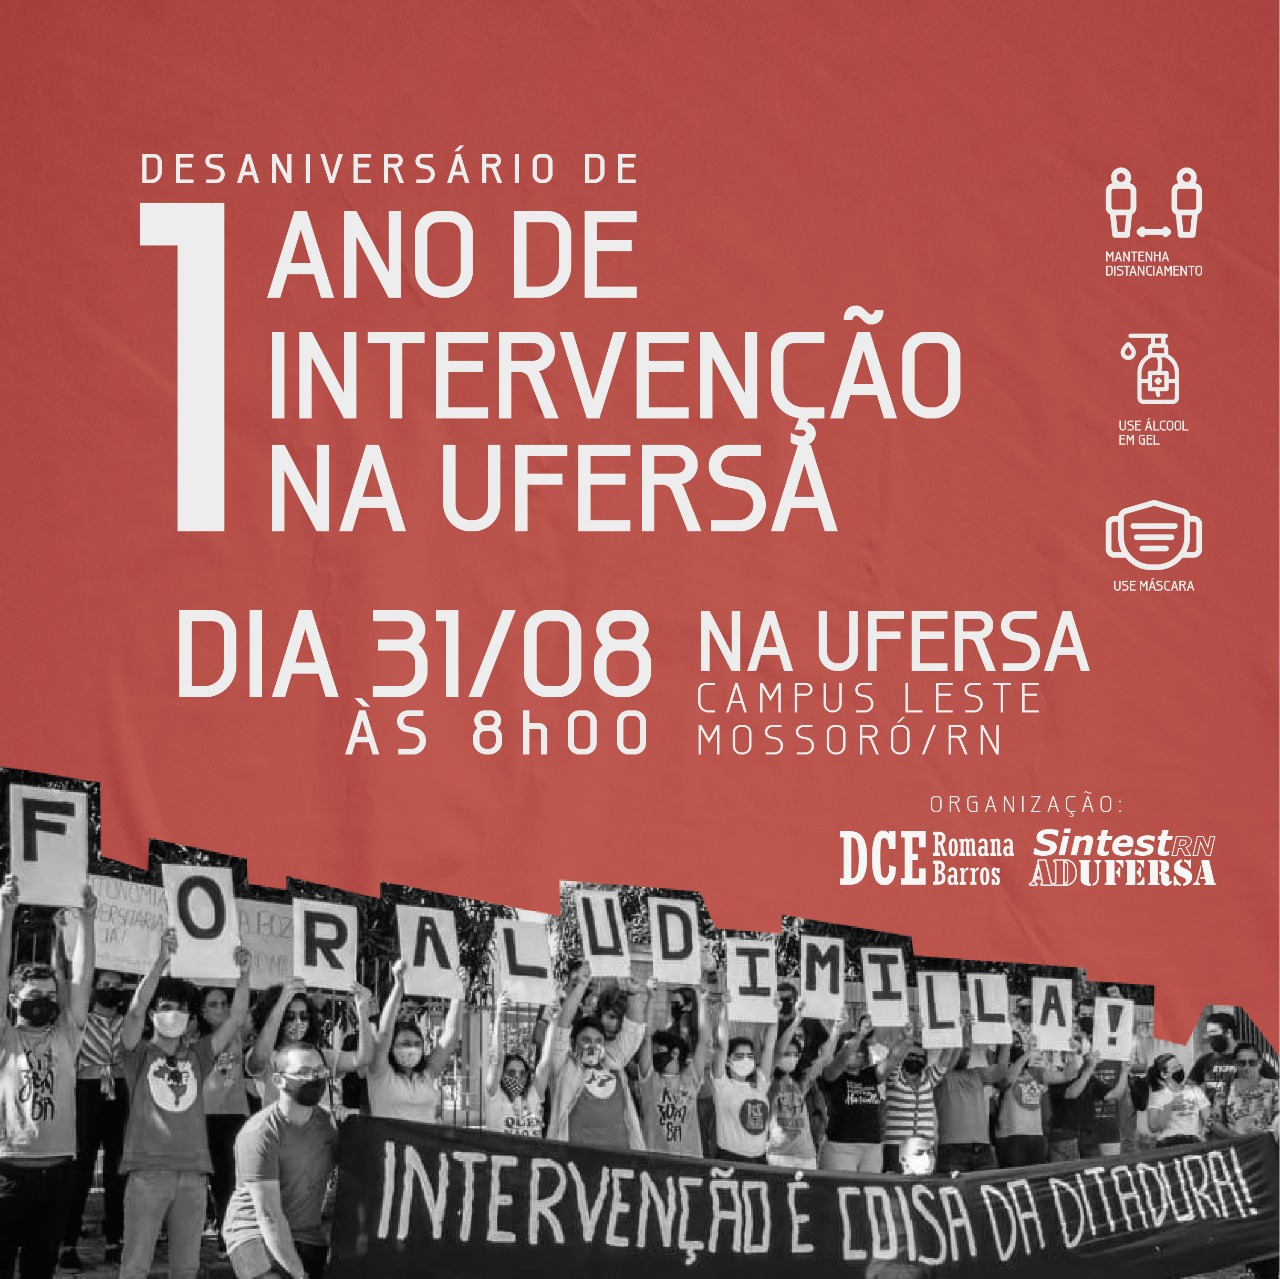 DESANIVERSÁRIO DE 1 ANO DA INTERVENÇÃO!